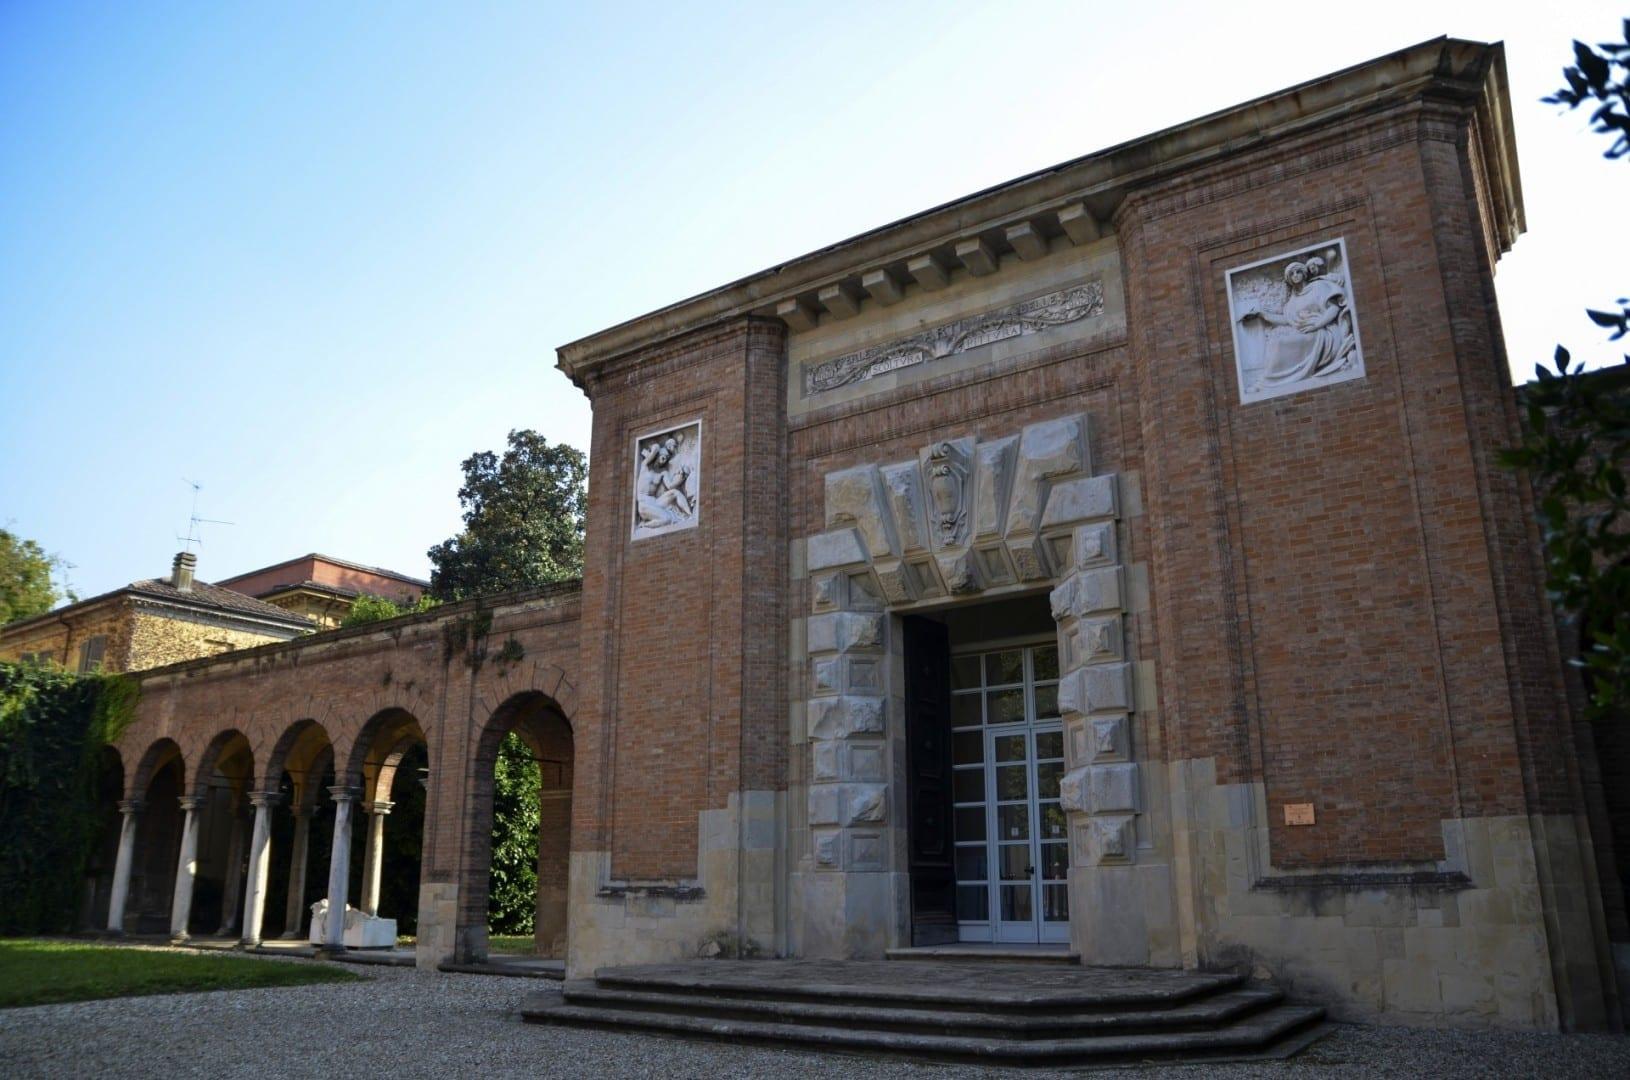 Galería Ricci Oddi Piacenza Italia